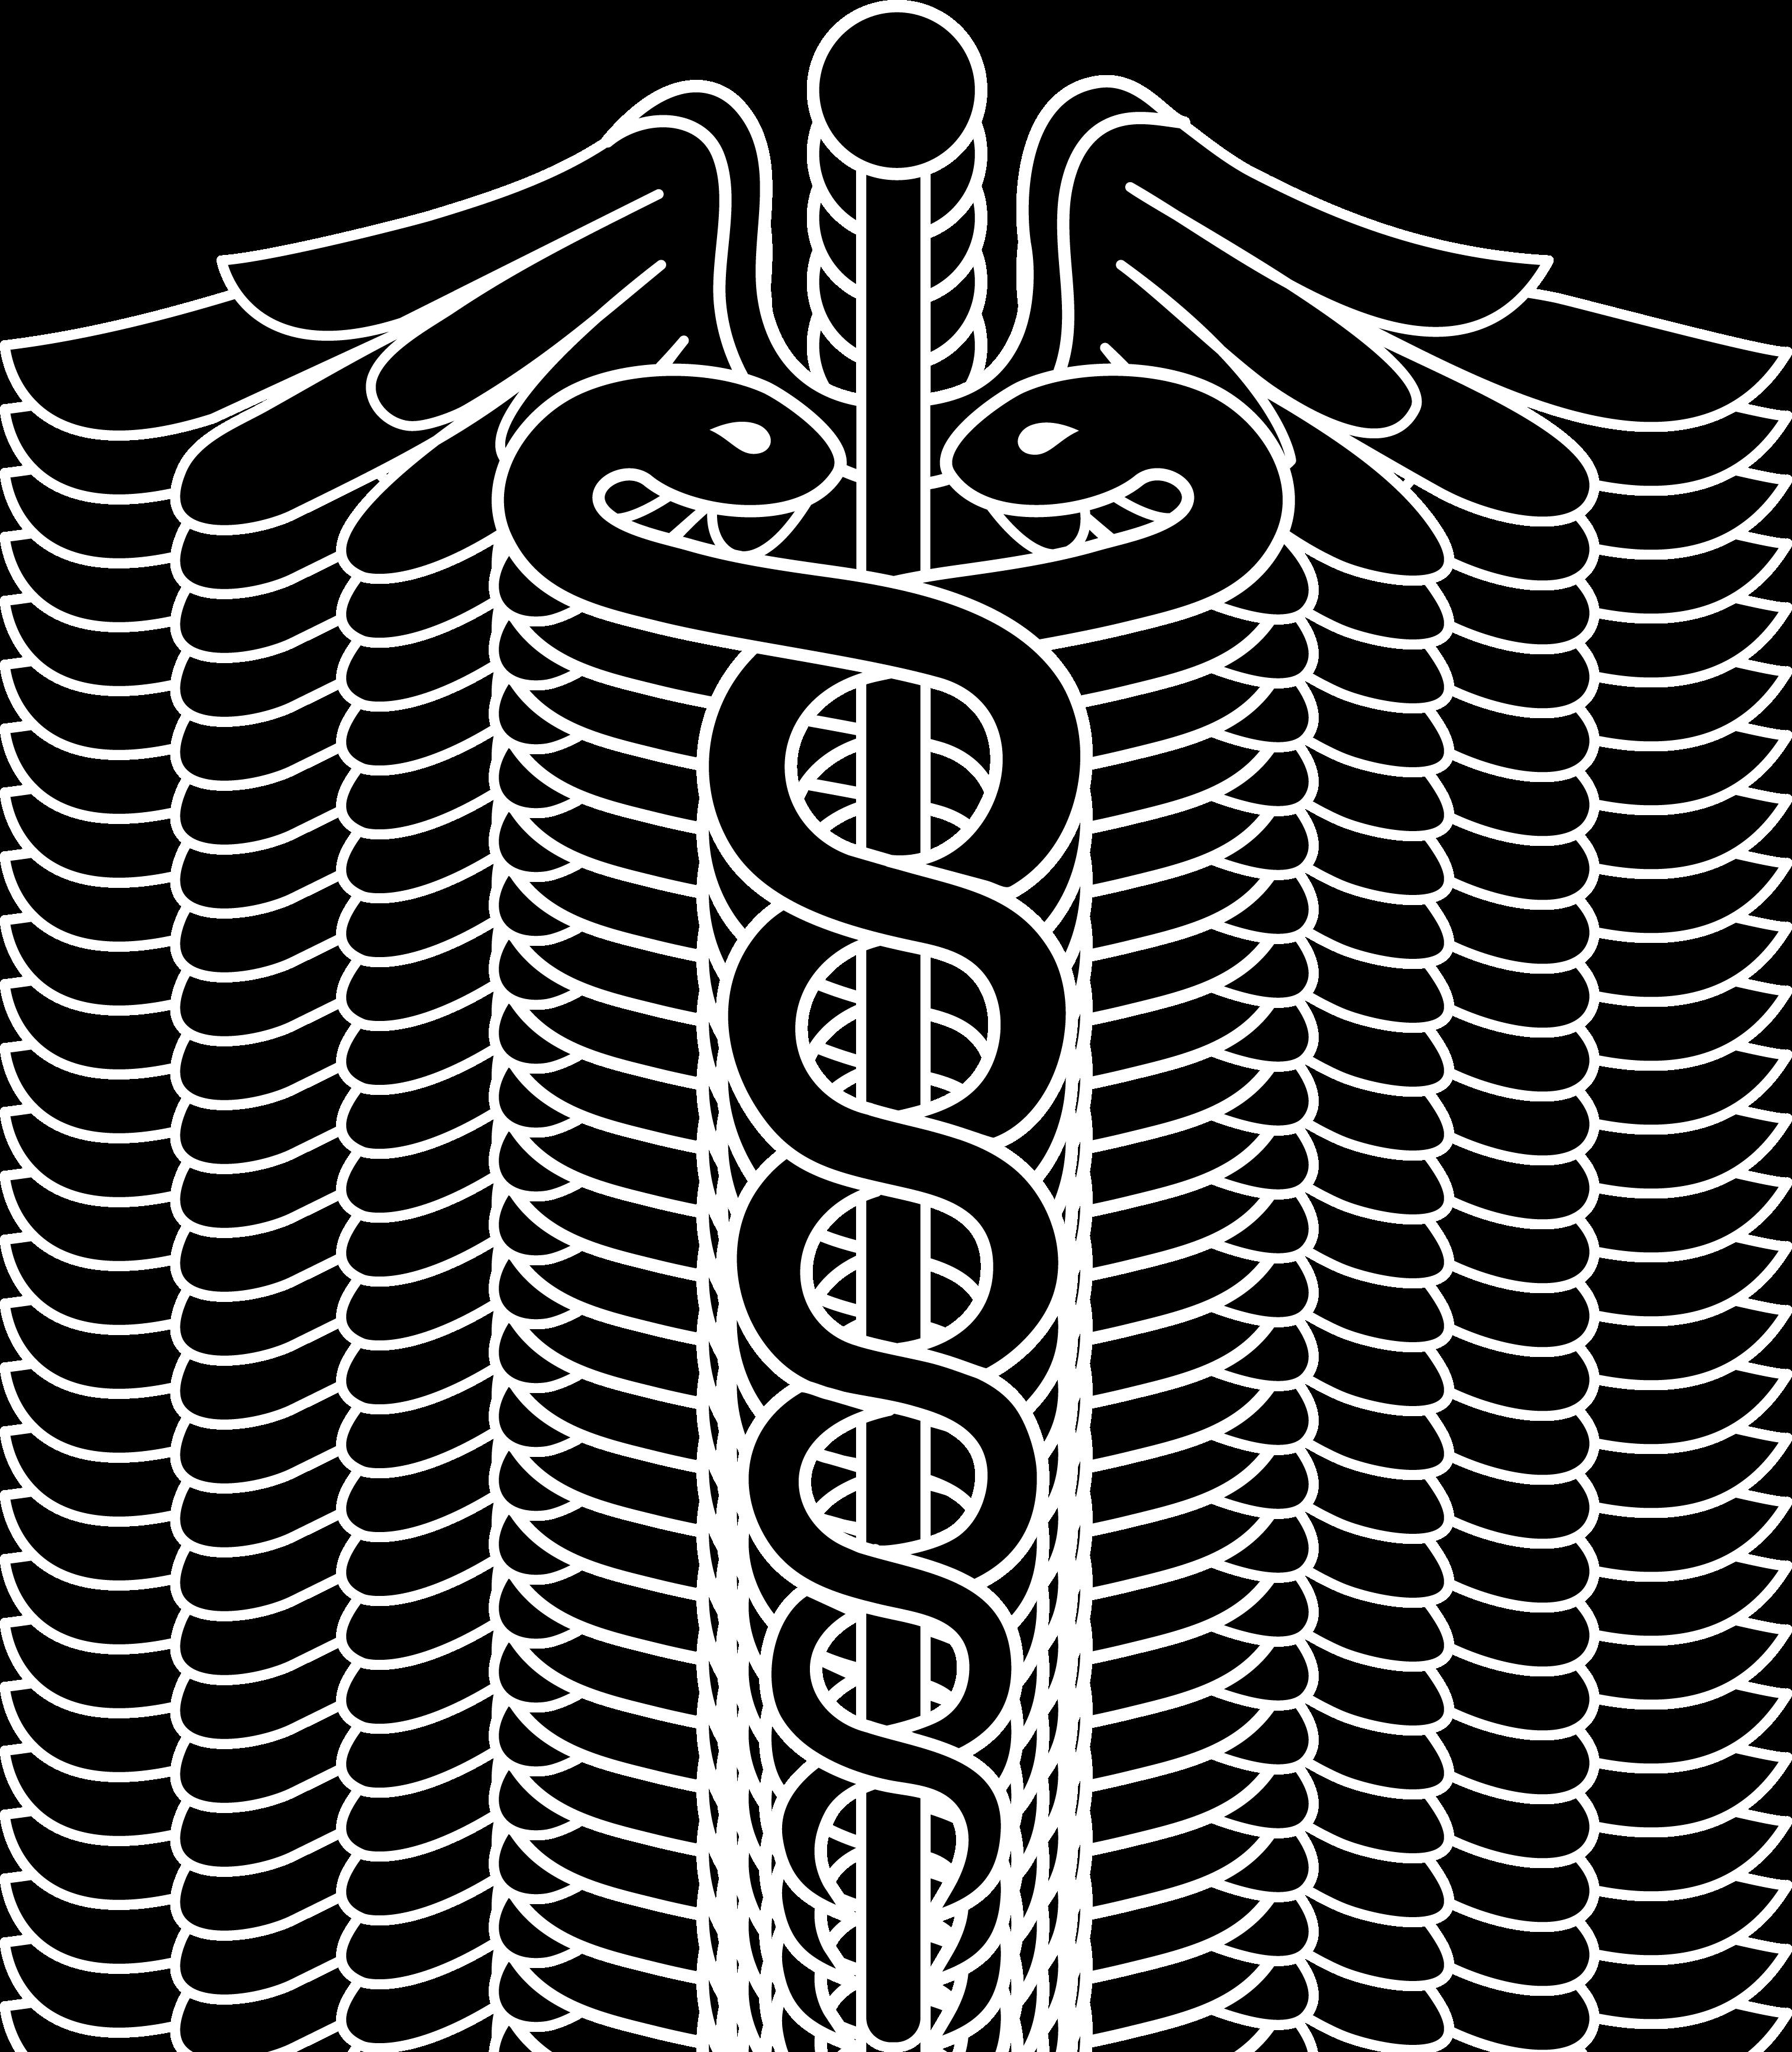 Medical Symbol Png Clipart-Medical Symbol Png Clipart-15